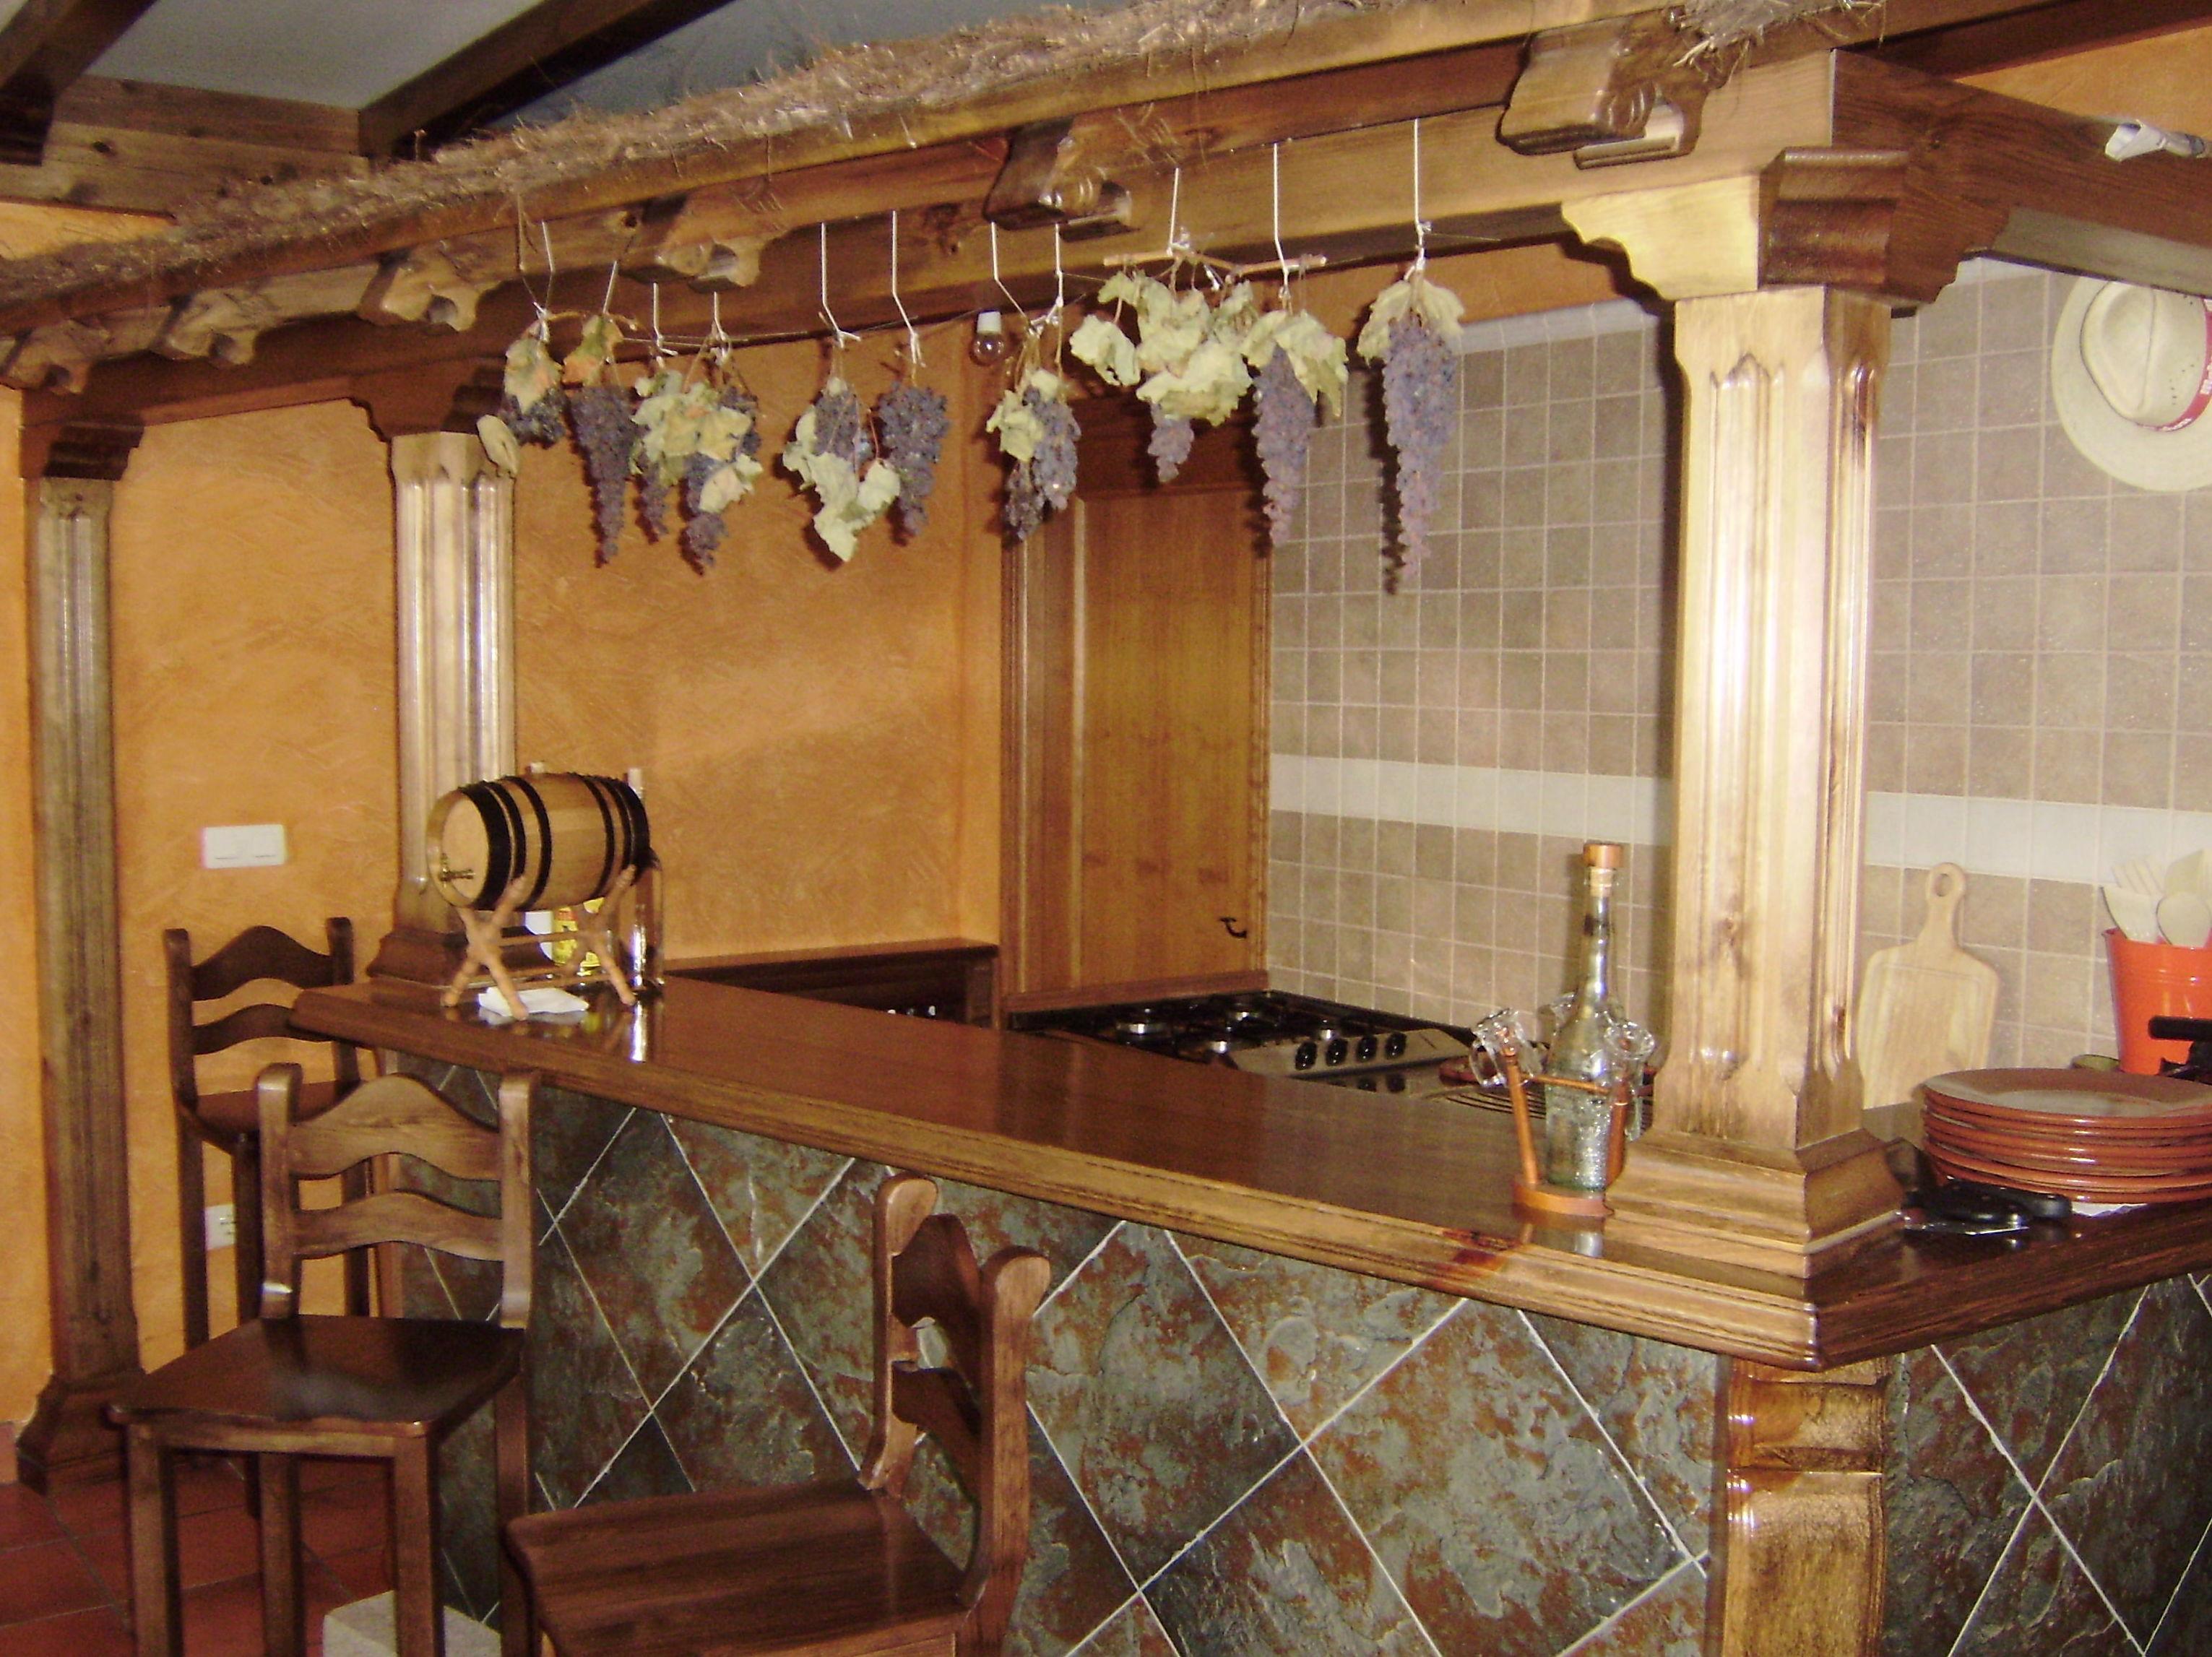 Foto 4 de Carpintería en Santa Cristina de la Polvorosa | Ebanistería y Carpintería Martín